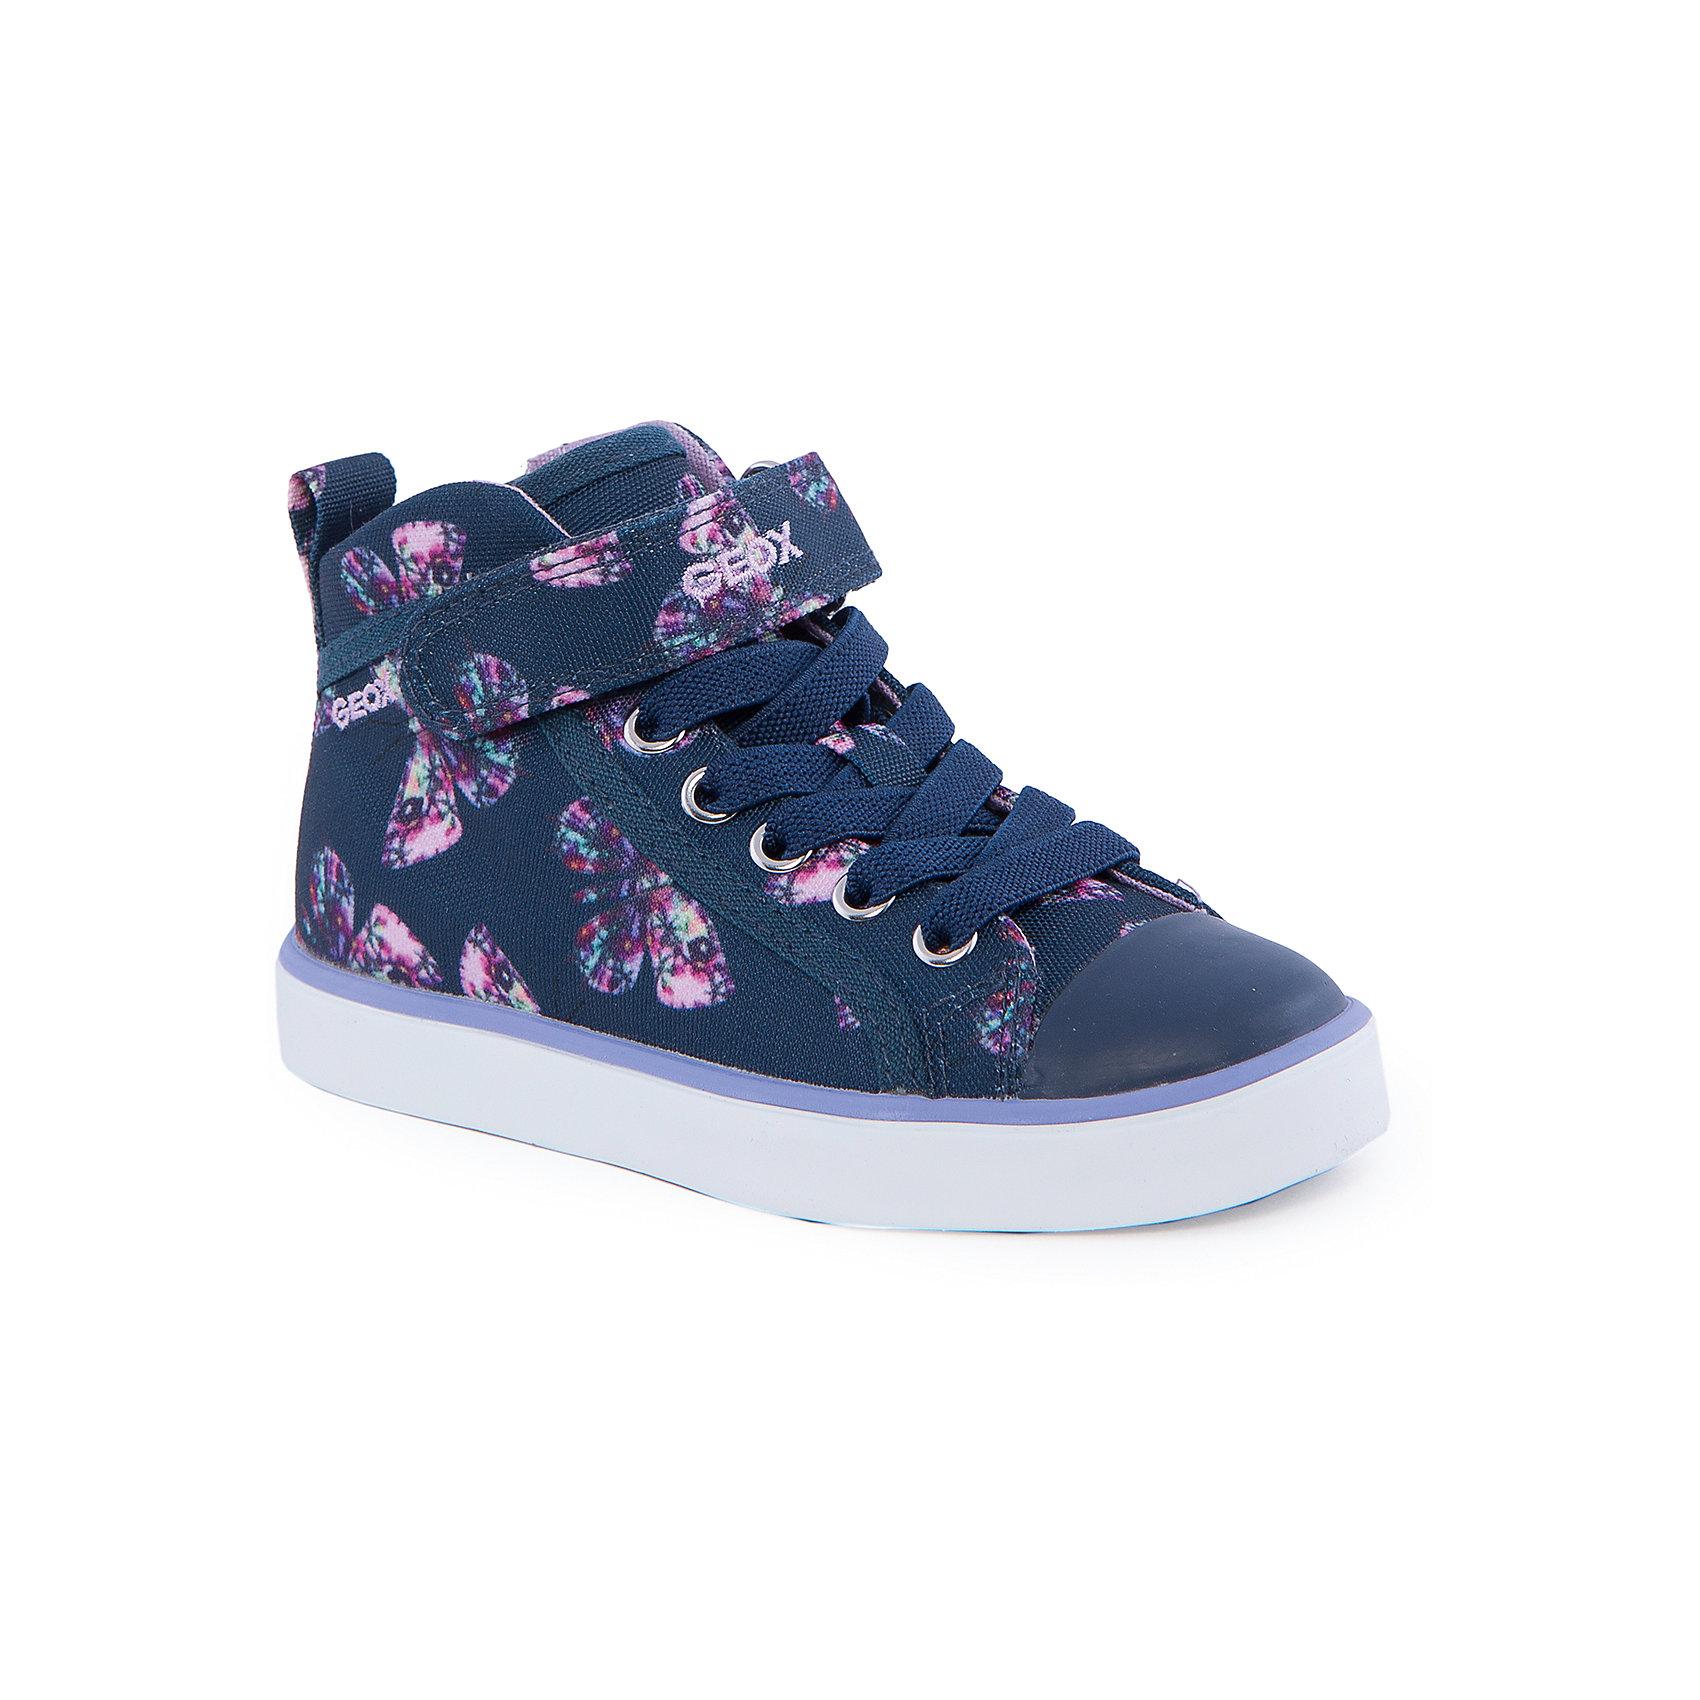 Кроссовки для девочки GEOXКроссовки для девочки от популярной марки GEOX (Геокс).<br><br>Стильные кроссовки разнообразят гардероб ребенка в новом сезоне! Эта модель создана специально для девочек, она очень стильно и оригинально смотрится.<br>Производитель обуви заботится не только о внешнем виде, но и стабильно высоком качестве продукции. GEOX (Геокс) разработал специальную высокотехнологичную стельку. Вся обувь делается только из качественных и надежных материалов.<br><br>Отличительные особенности модели:<br><br>- цвет: синий;<br>- декорирована принтом;<br>- прочная устойчивая подошва;<br>- мягкий и легкий верх;<br>- стильный дизайн;<br>- анатомическая антибактериальная стелька;<br>- удобная шнуровка, молния, липучка;<br>- комфортное облегание;<br>- подкладка - натуральная кожа;<br>- дышащие материалы (технология Geox Respira).<br><br>Дополнительная информация:<br><br>- Сезон: весна/лето.<br><br>- Состав:<br><br>материал верха: текстиль;<br>подошва: резина.<br><br>Кроссовки для девочки GEOX (Геокс) можно купить в нашем магазине.<br><br>Ширина мм: 250<br>Глубина мм: 150<br>Высота мм: 150<br>Вес г: 250<br>Цвет: синий<br>Возраст от месяцев: 96<br>Возраст до месяцев: 108<br>Пол: Женский<br>Возраст: Детский<br>Размер: 32,26,27,28,30,31,33,34,29<br>SKU: 4519814